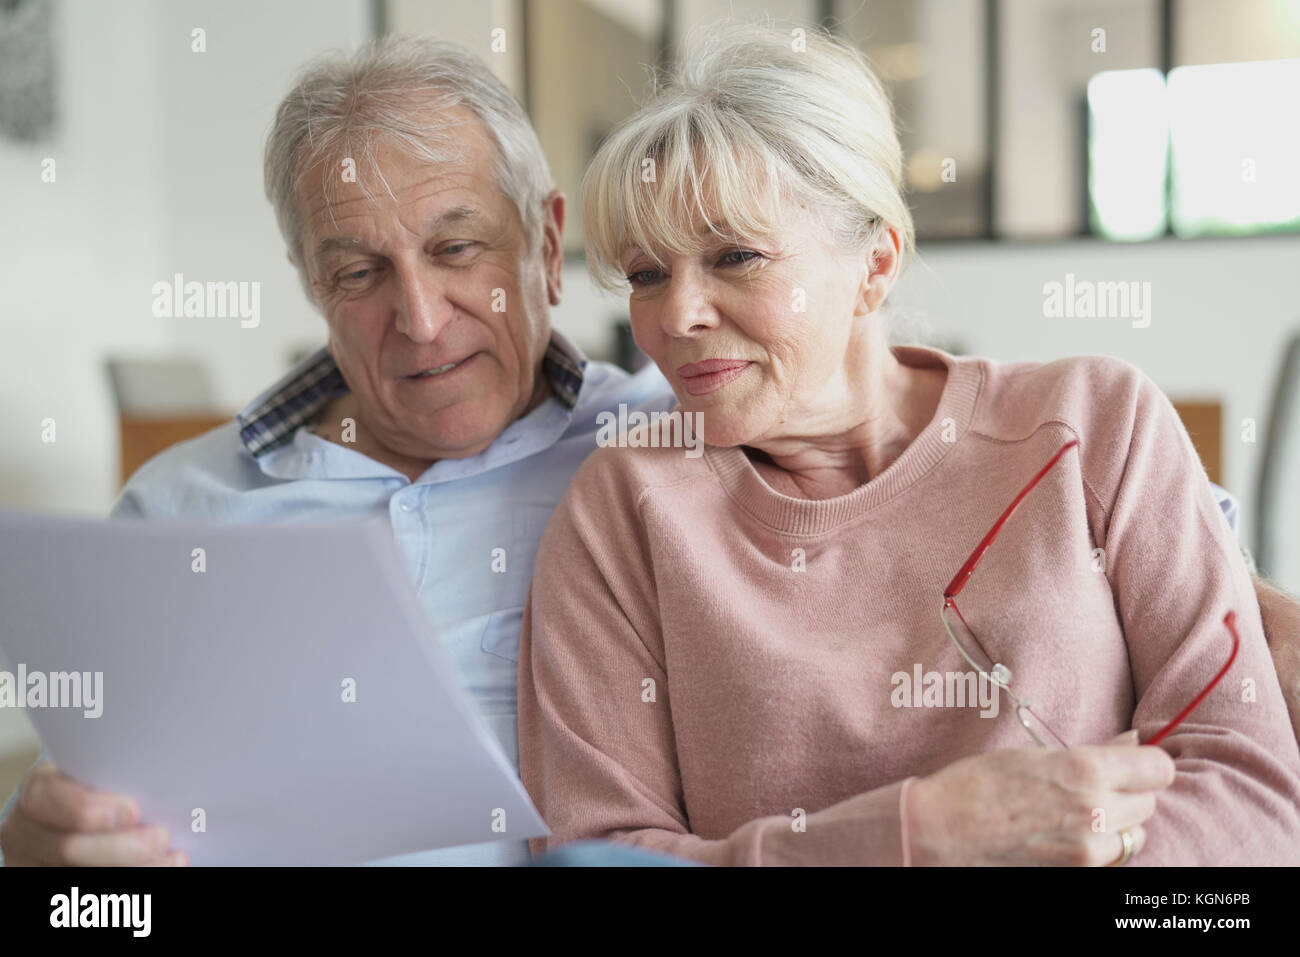 Coppia senior in divano la lettura di documenti ufficiali Immagini Stock